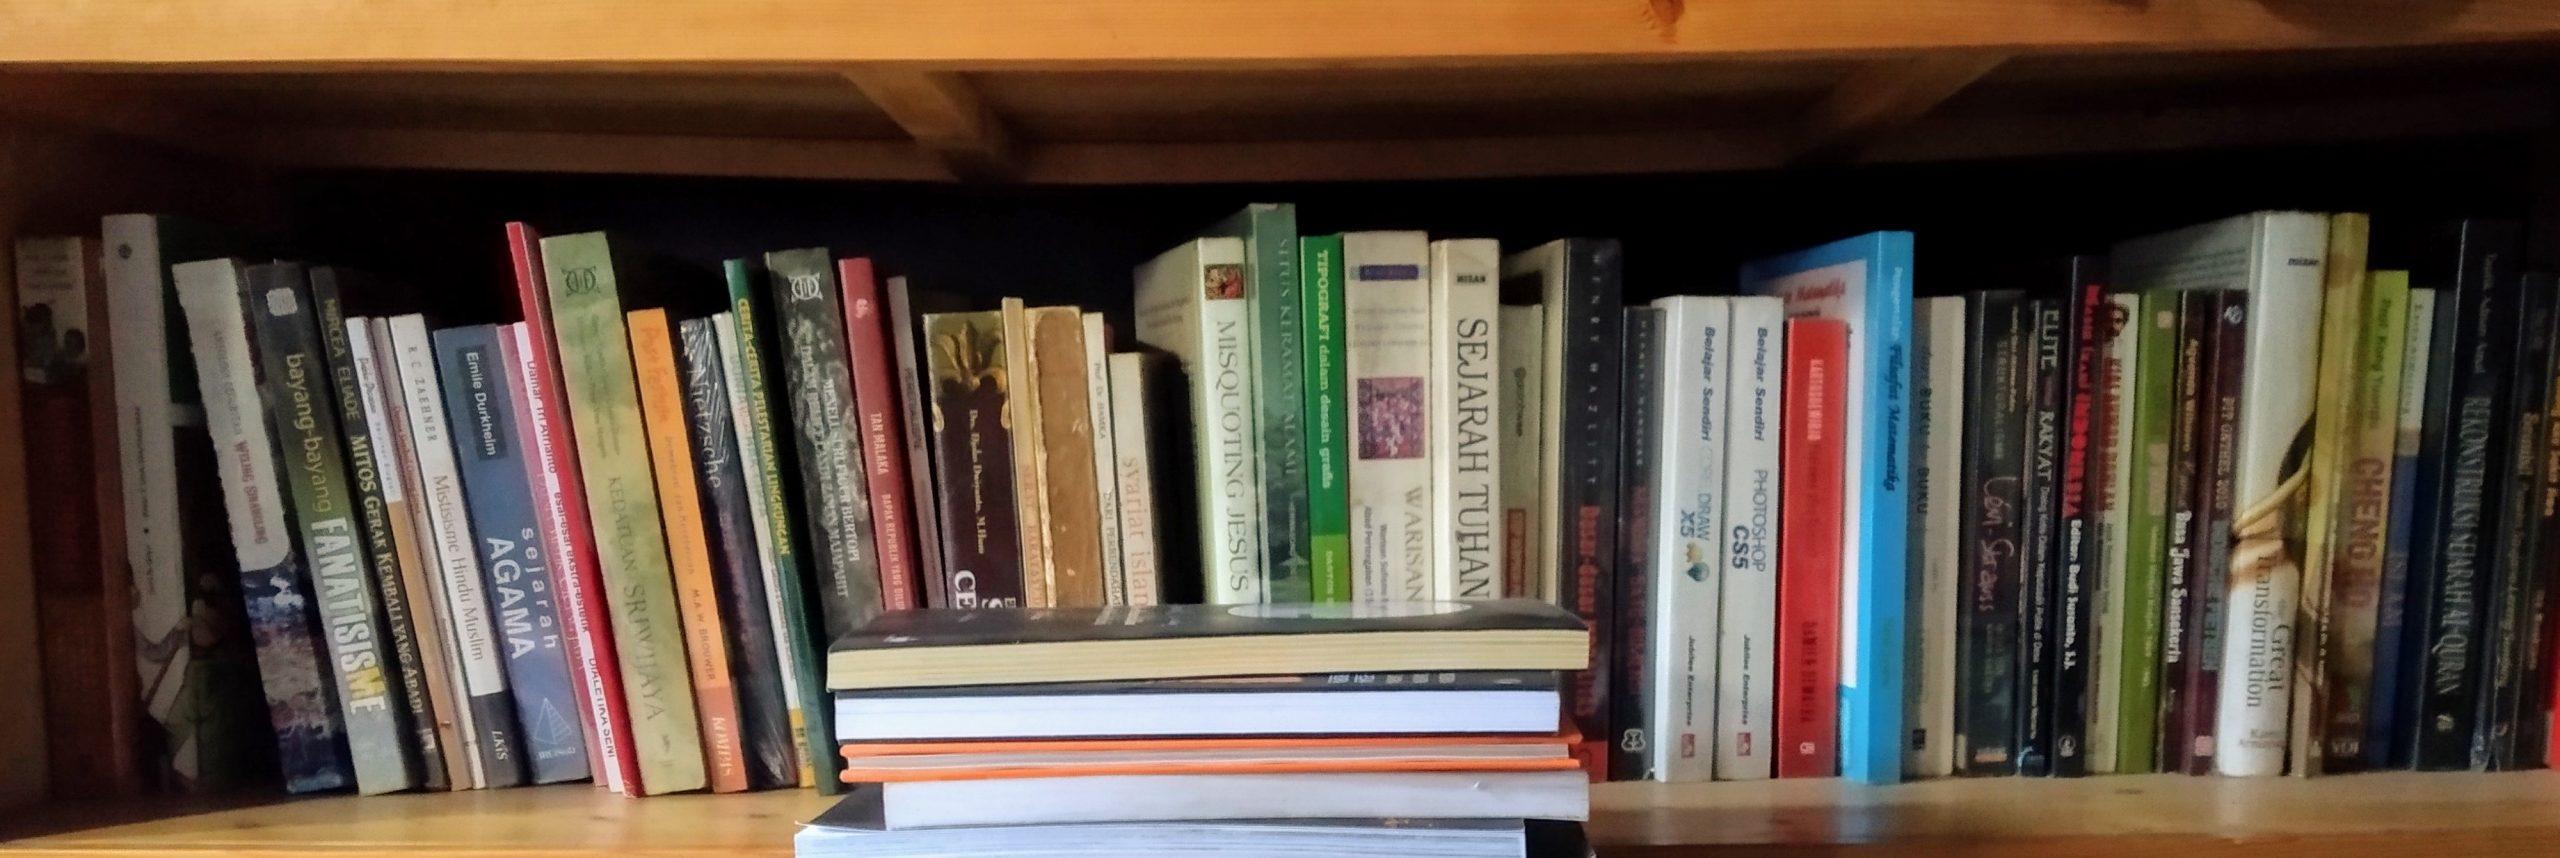 Buku-buku di rak.[Foto:NR]